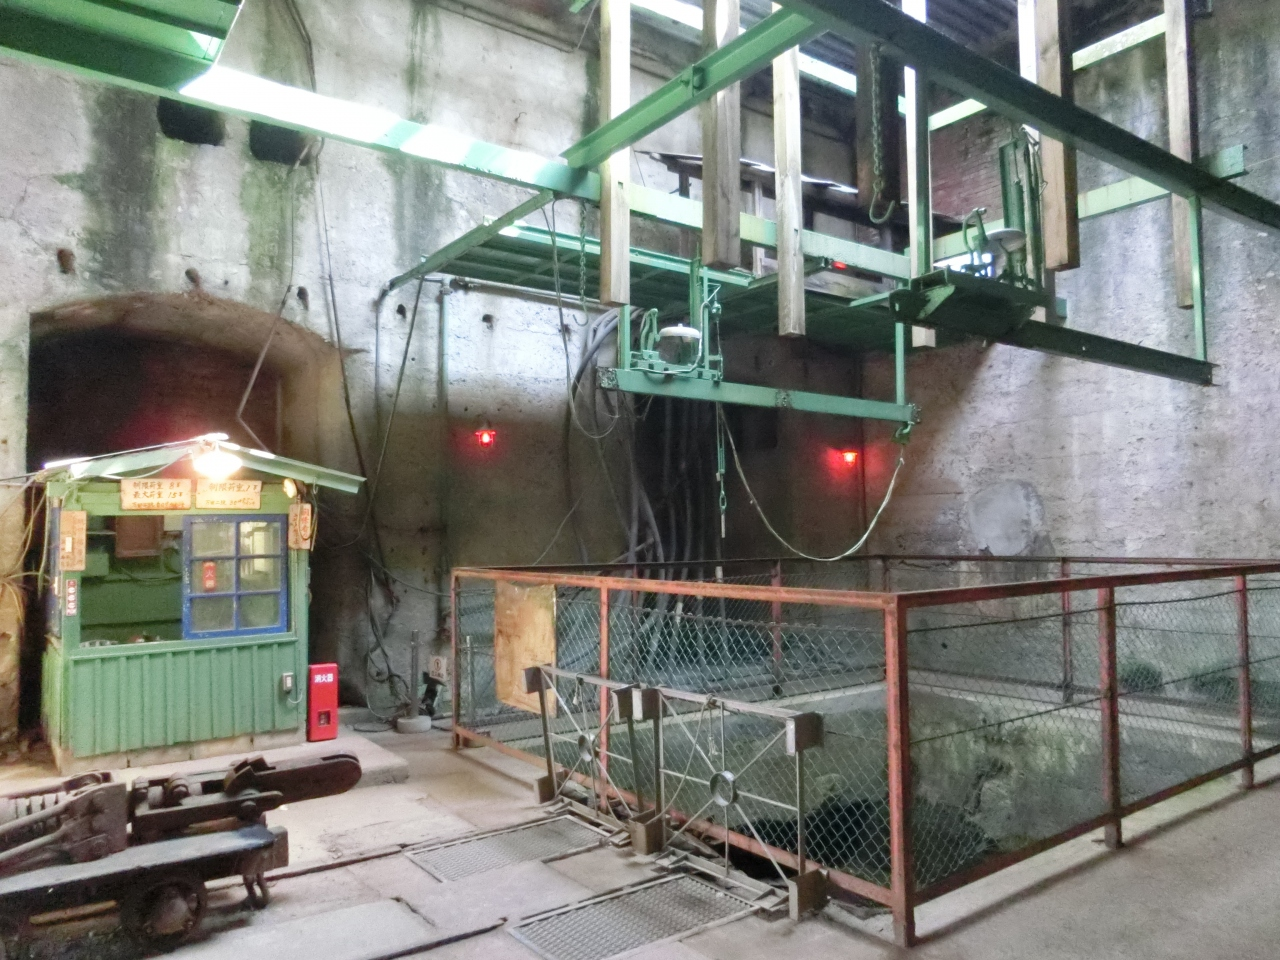 三井三池炭鉱の画像 p1_28